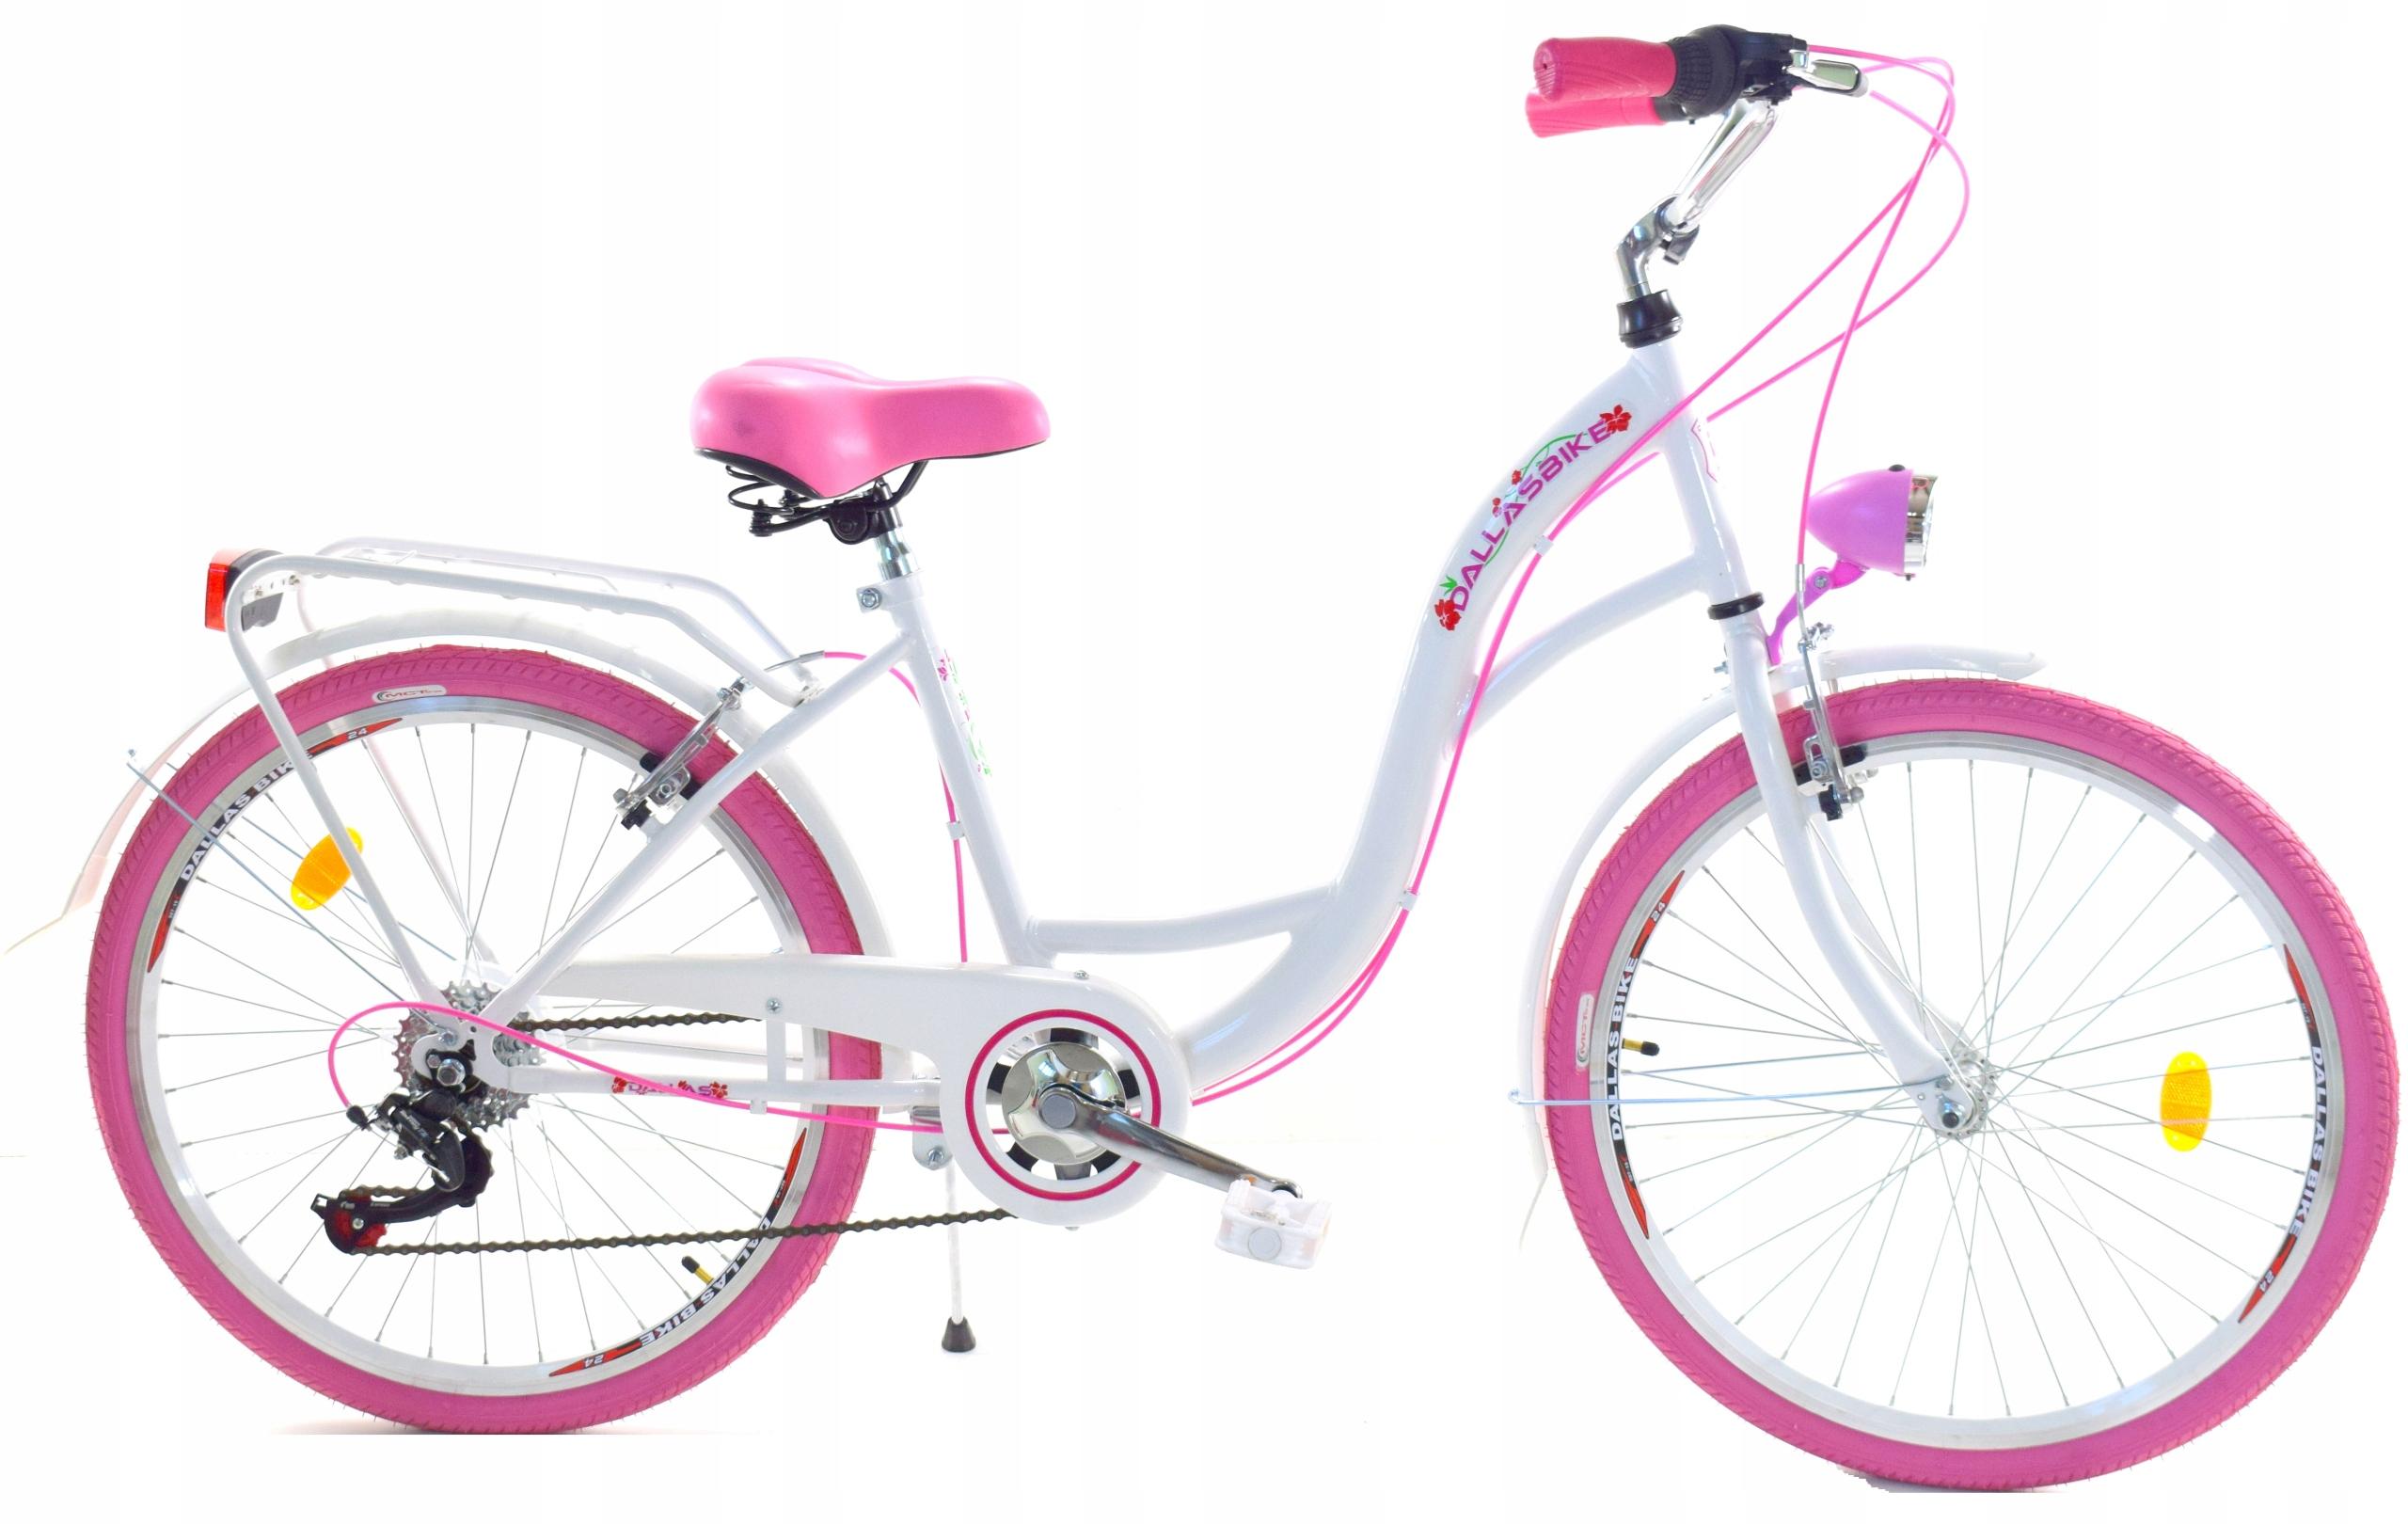 Bicykel pre dievča 26 prevodových stupňov Dallas na brzdy V-brzdy